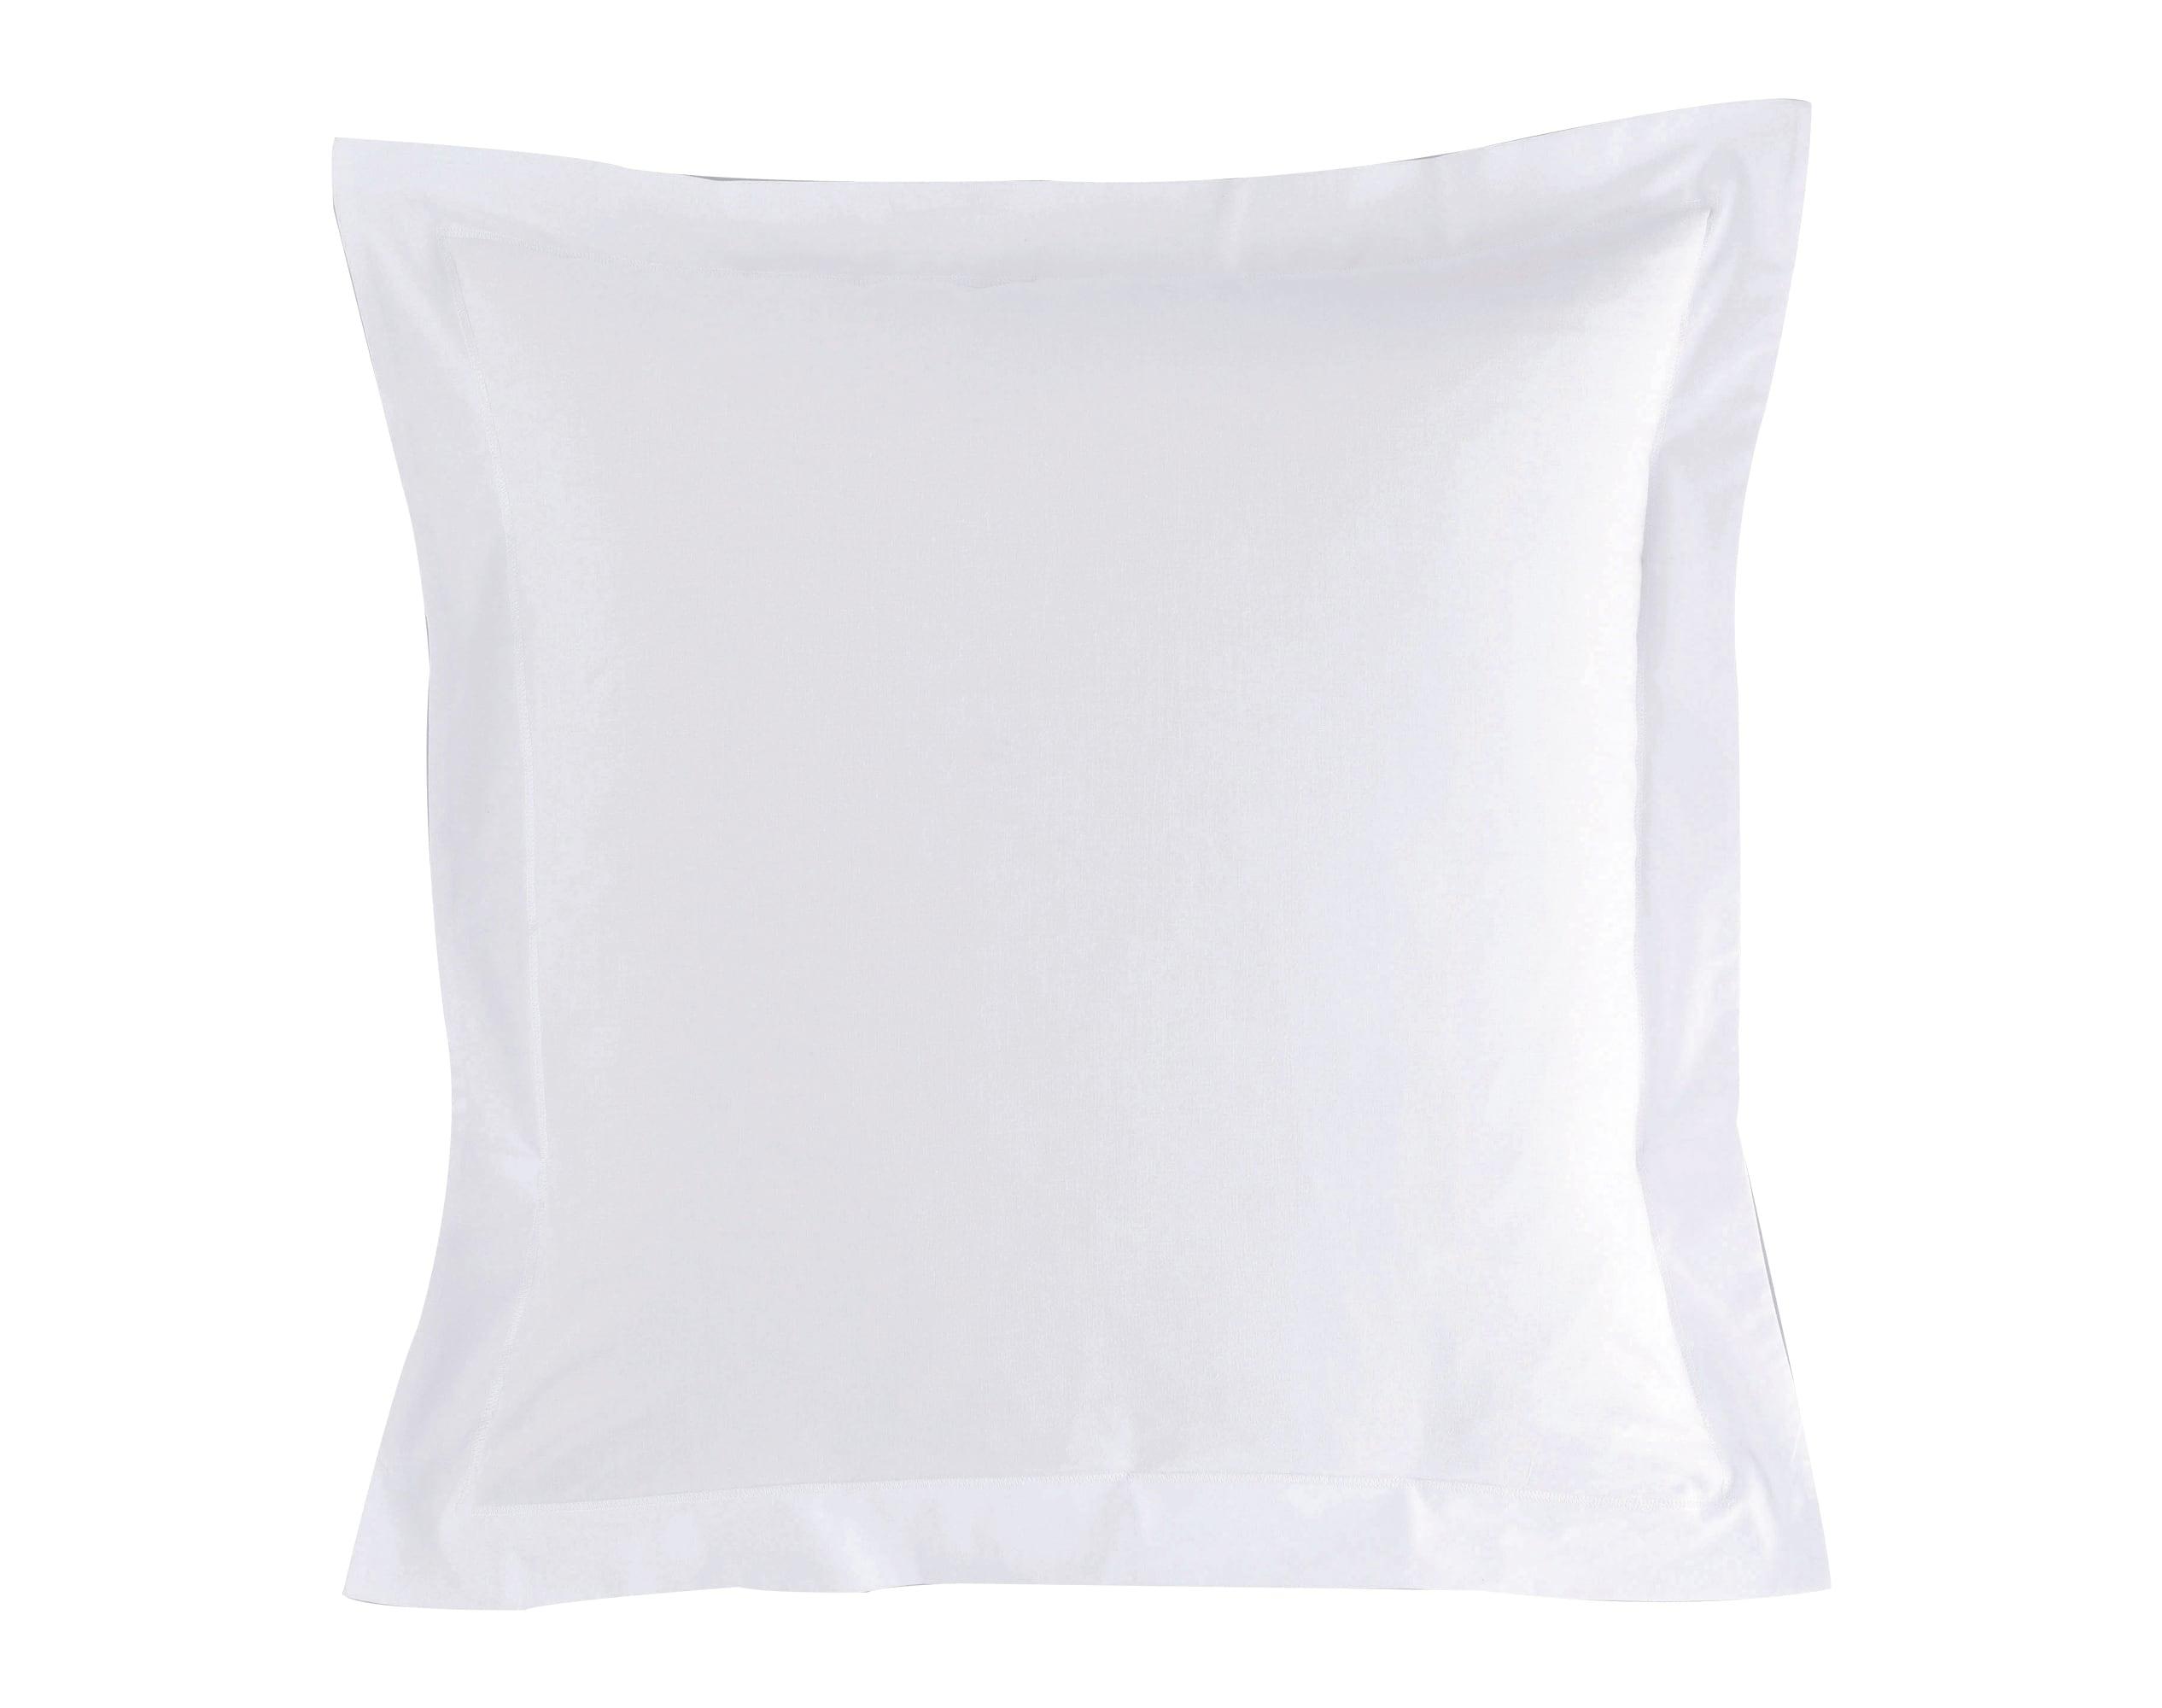 Taie d'oreiller 50x70 en coton blanc